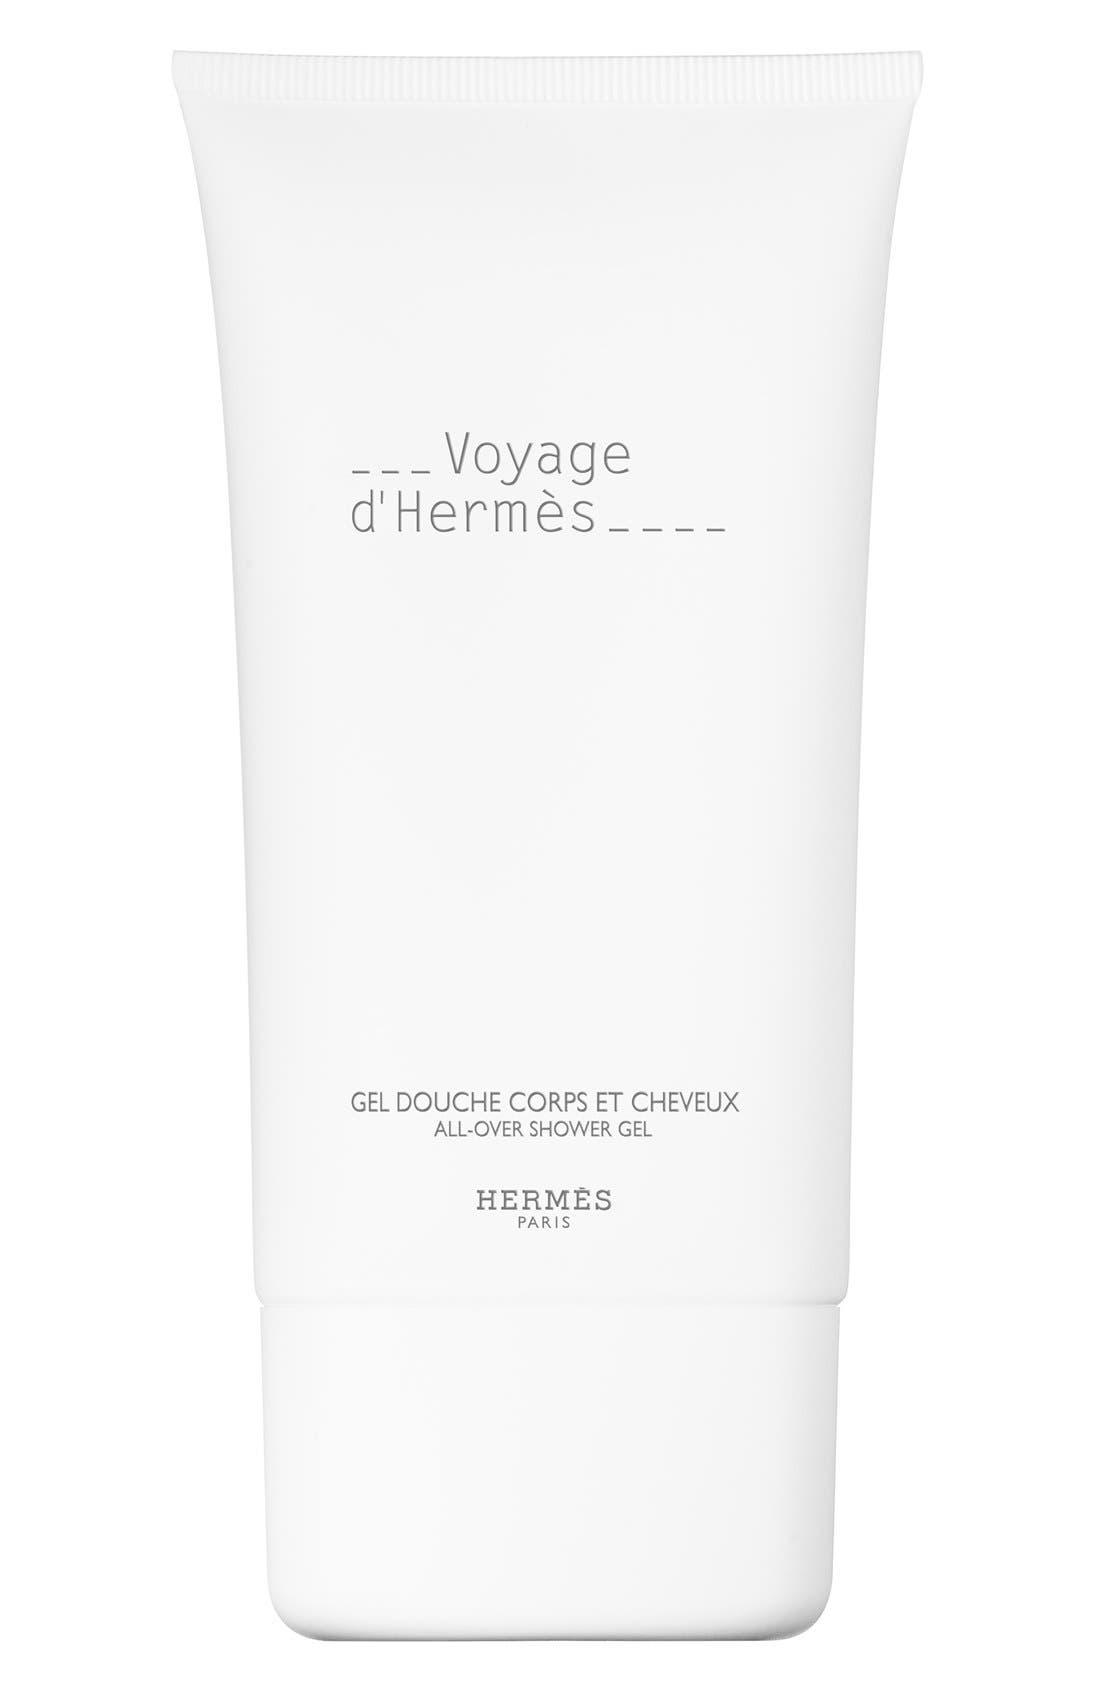 Hermès Voyage d'Hermès - All-over shower gel